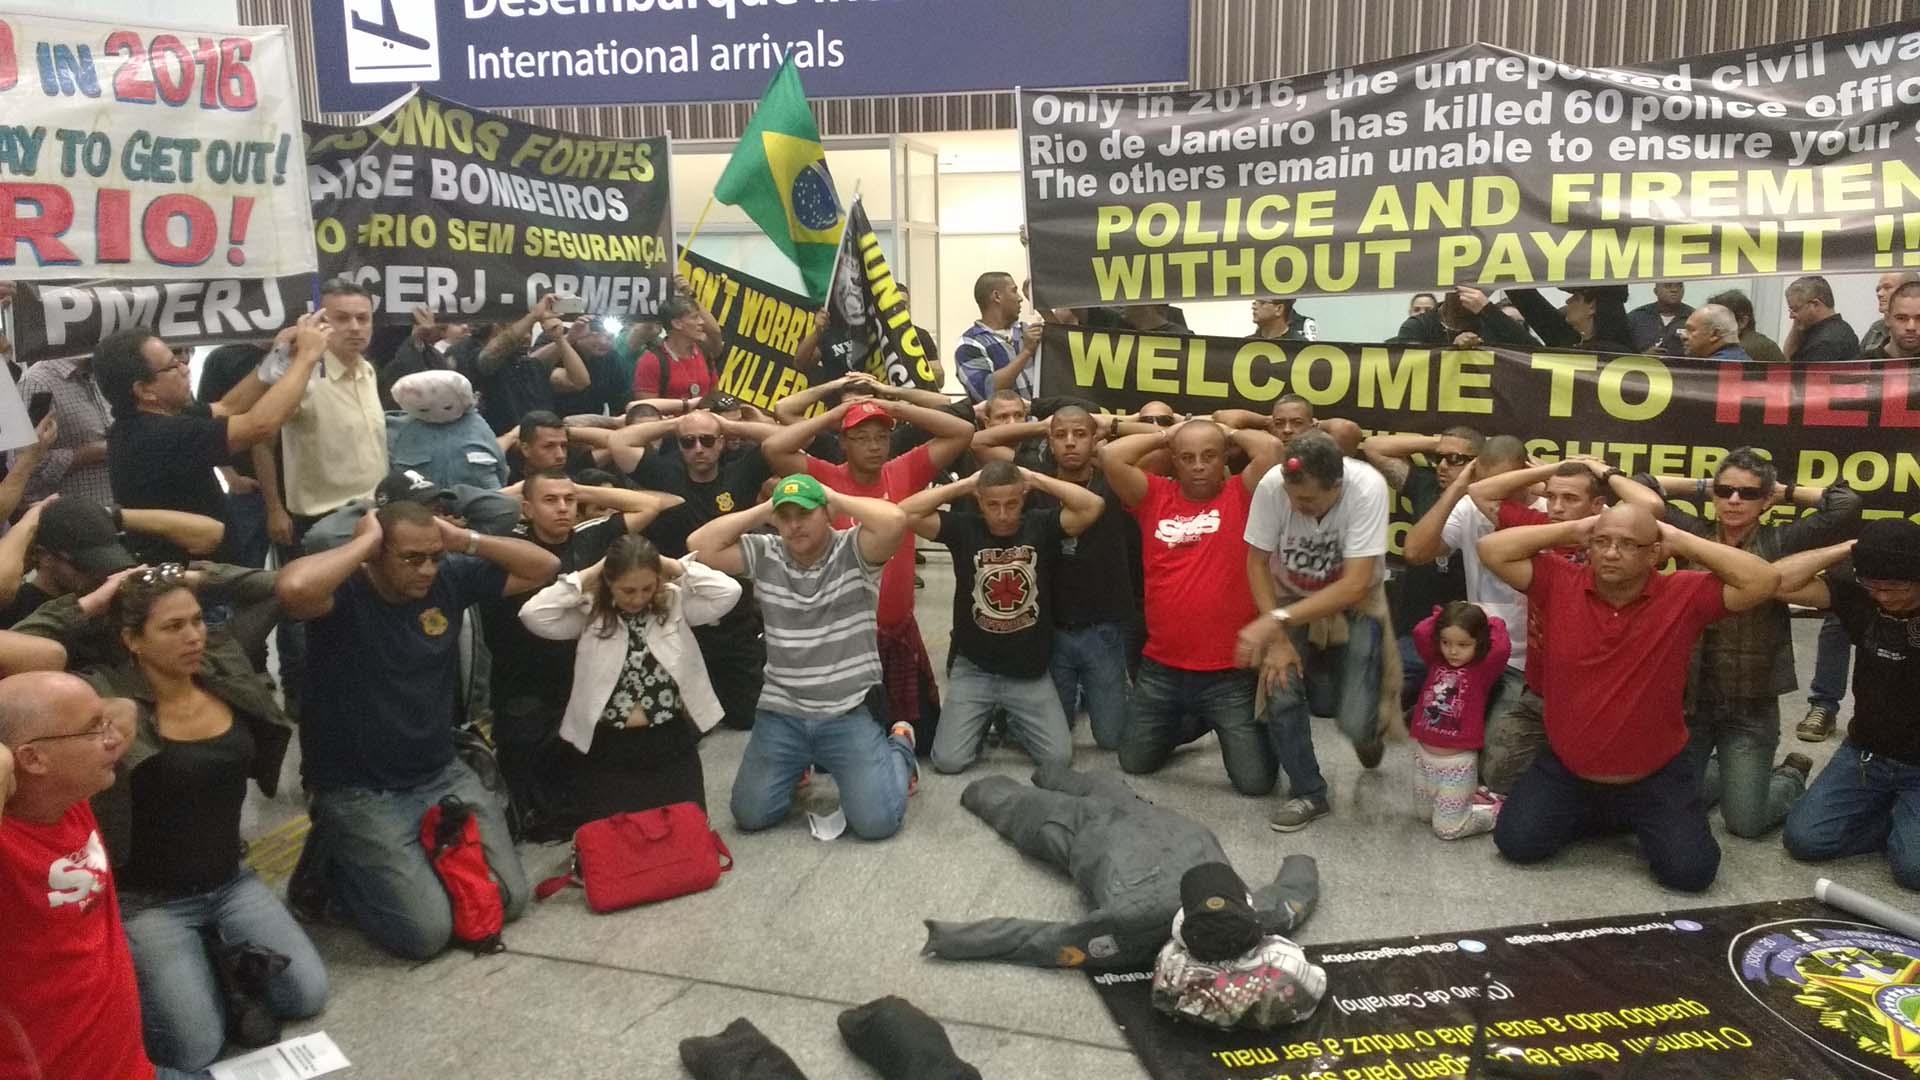 Cerca de un centenar de efectivos de seguridad protestaron en el aeropuerto internacional